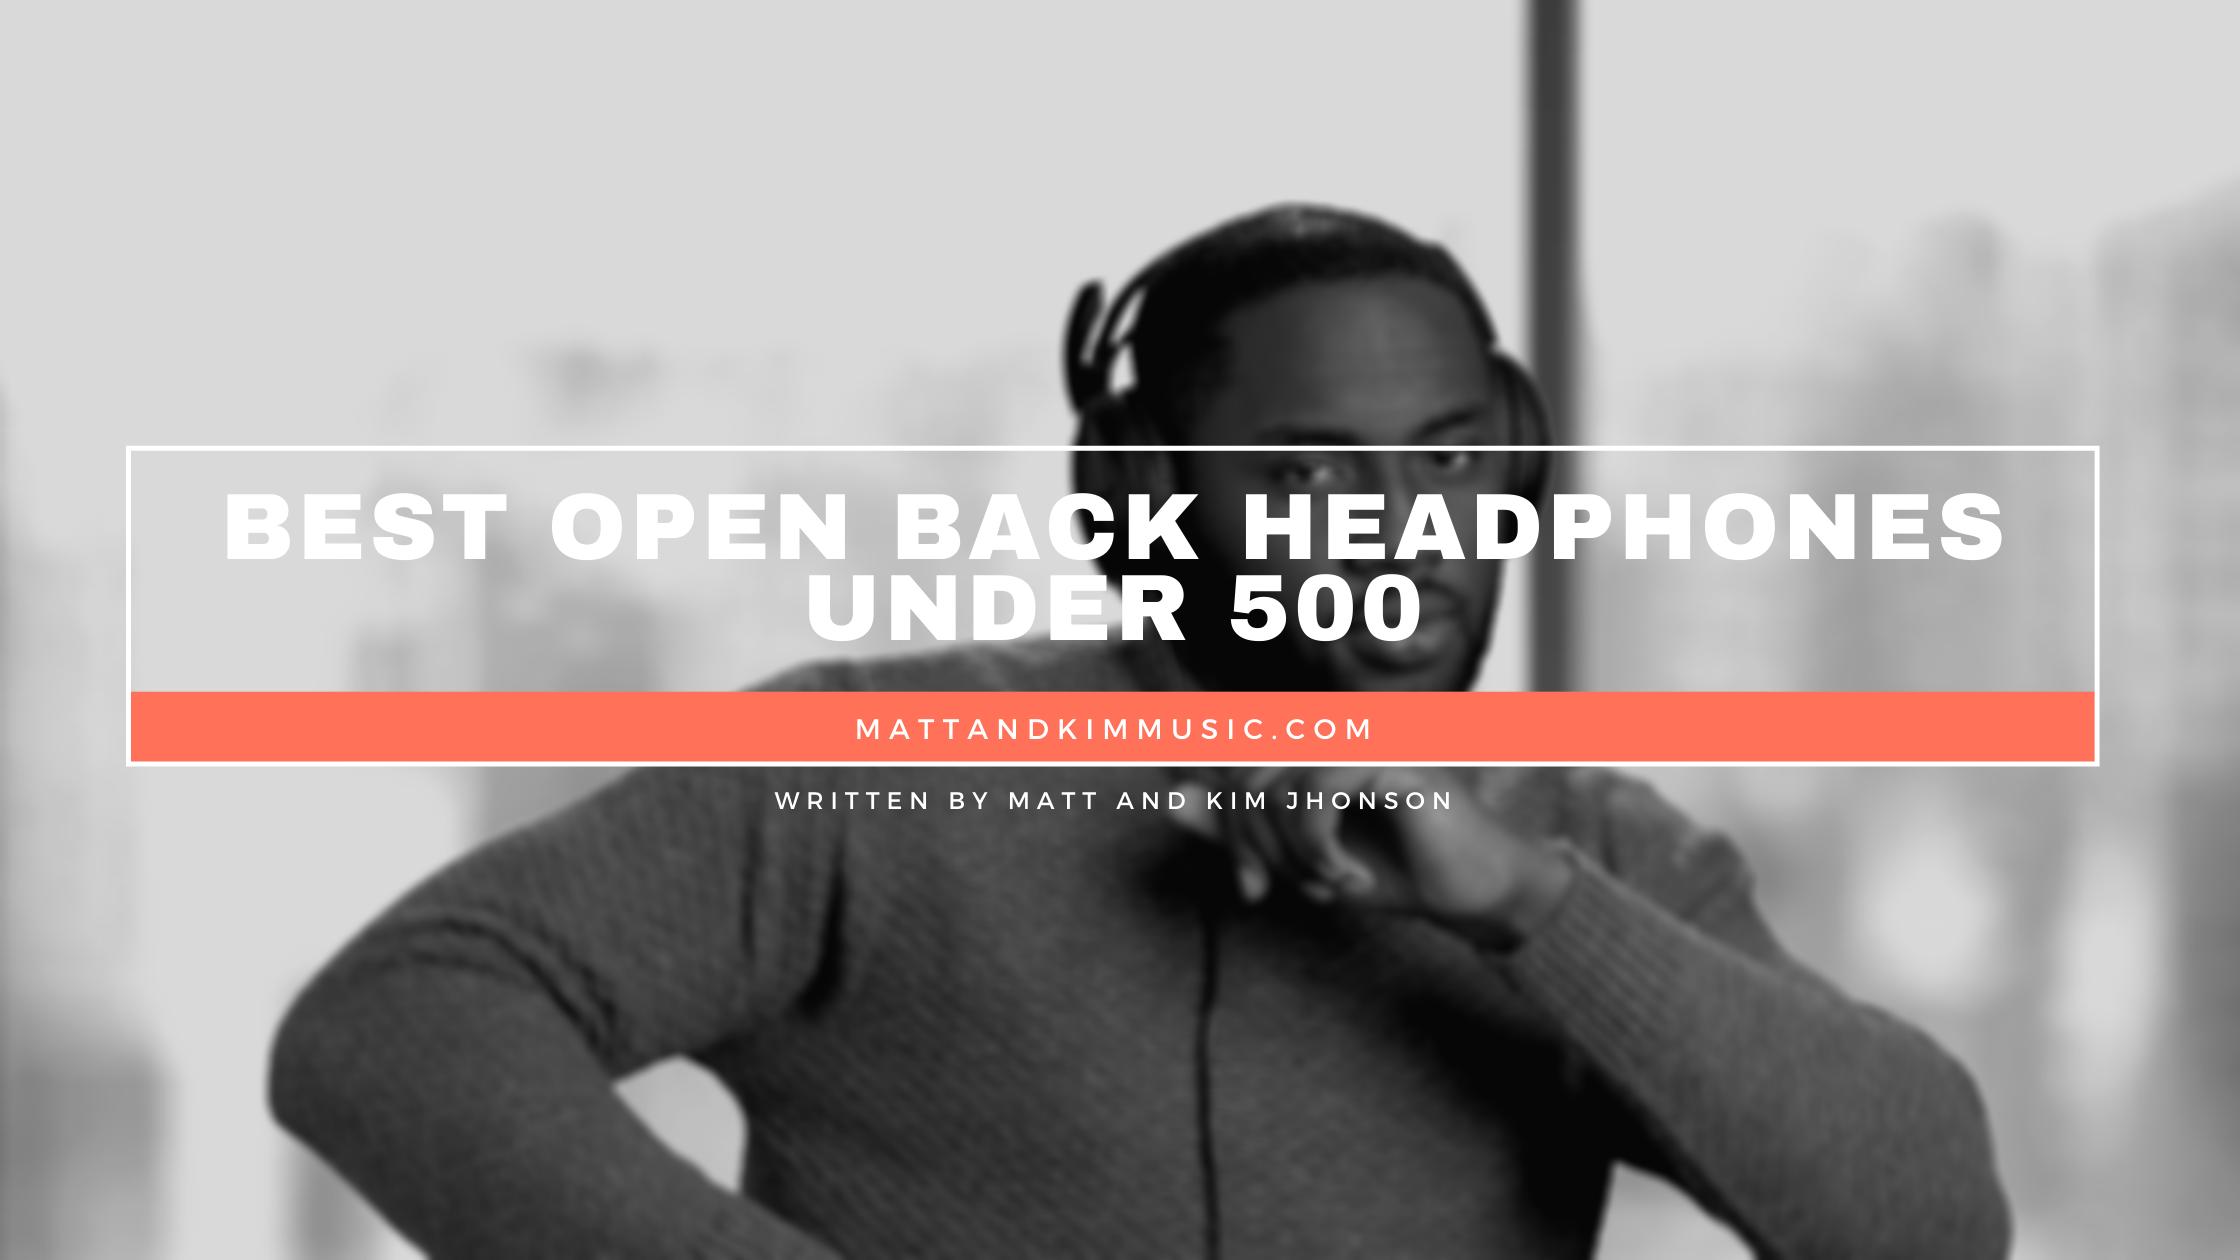 Best Open Back Headphones Under 500